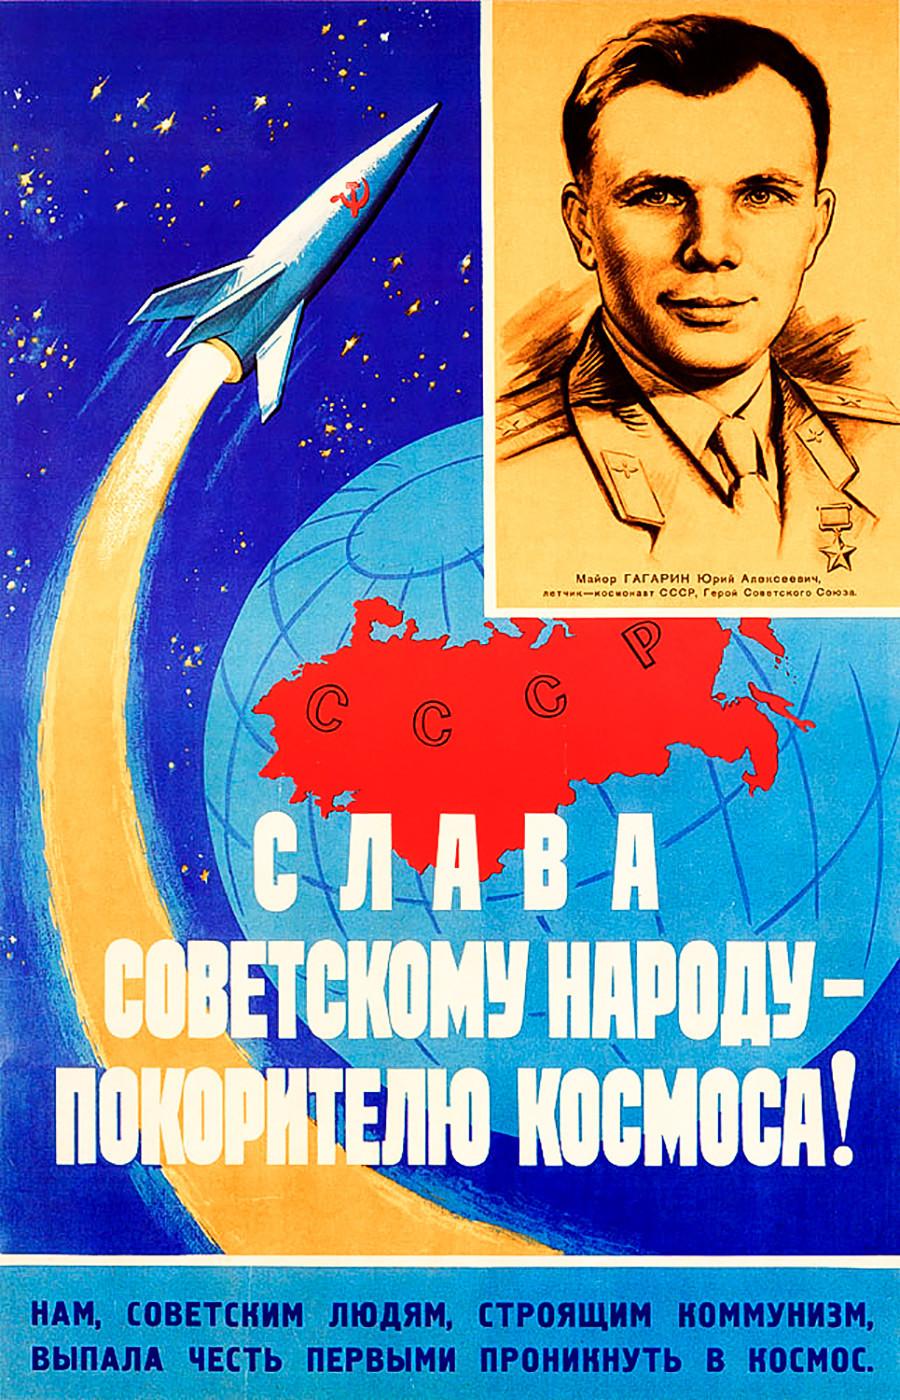 «Gloire au peuple soviétique, conquérant de l'espace! Nous, le peuple soviétique, qui construit le communisme, avons l'honneur d'être les premiers à entrer dans l'espace.»